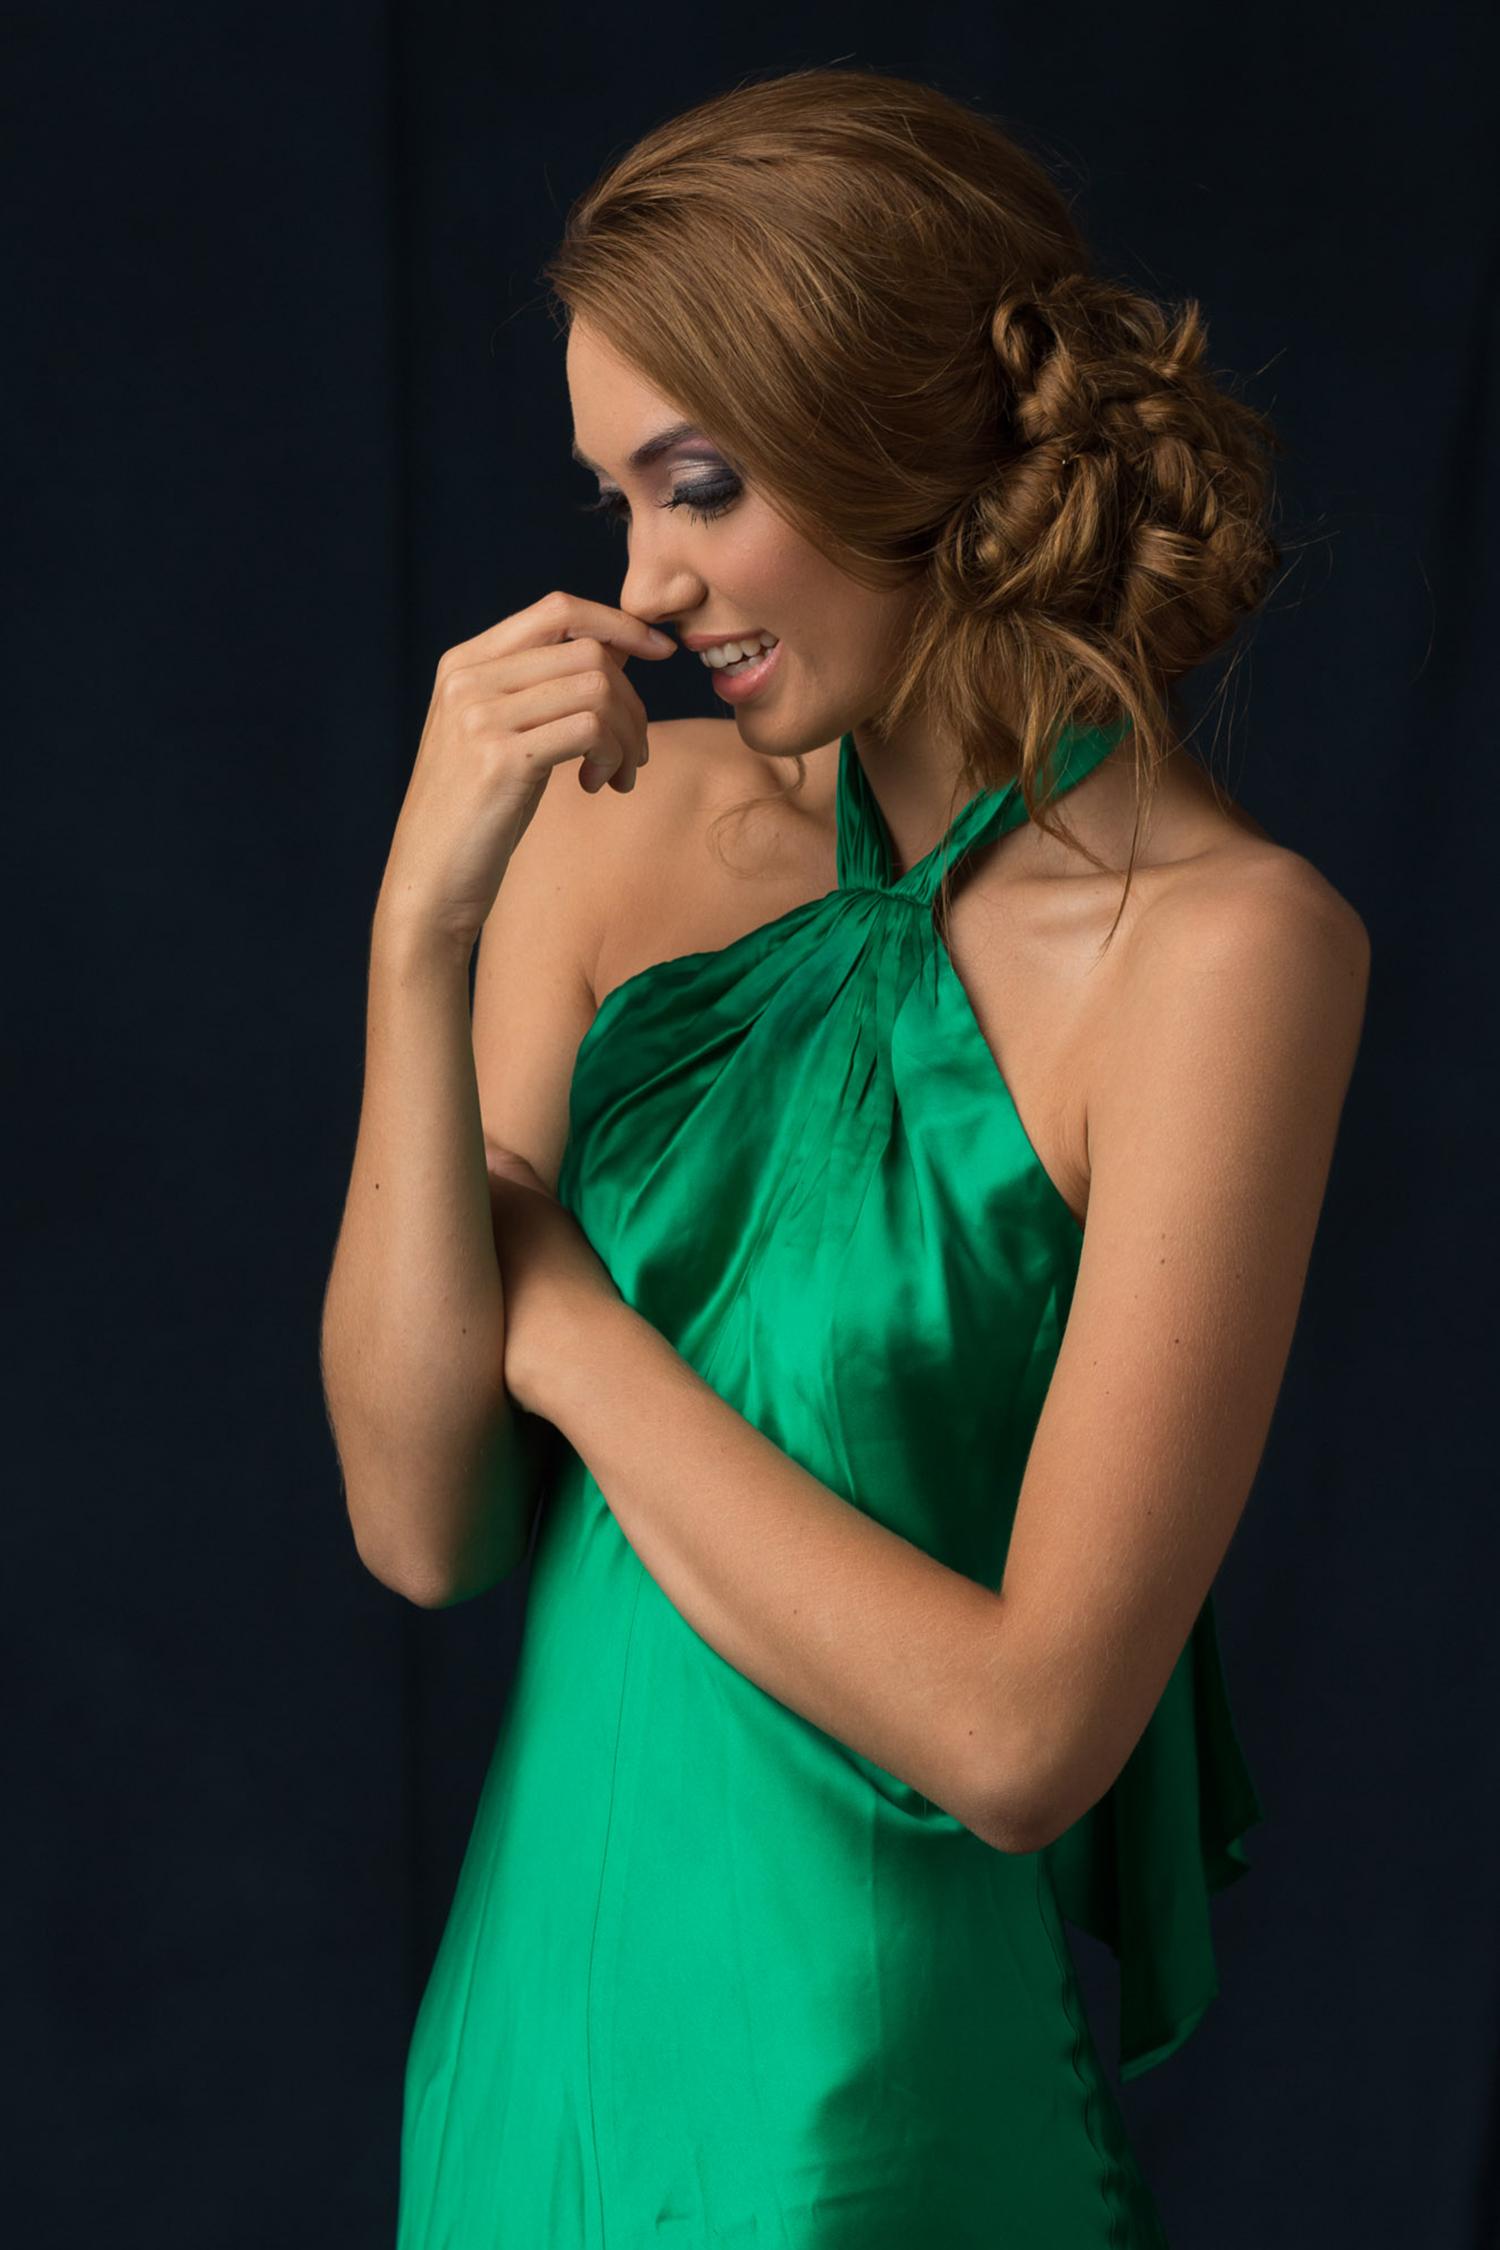 Modern Green Goddess Model